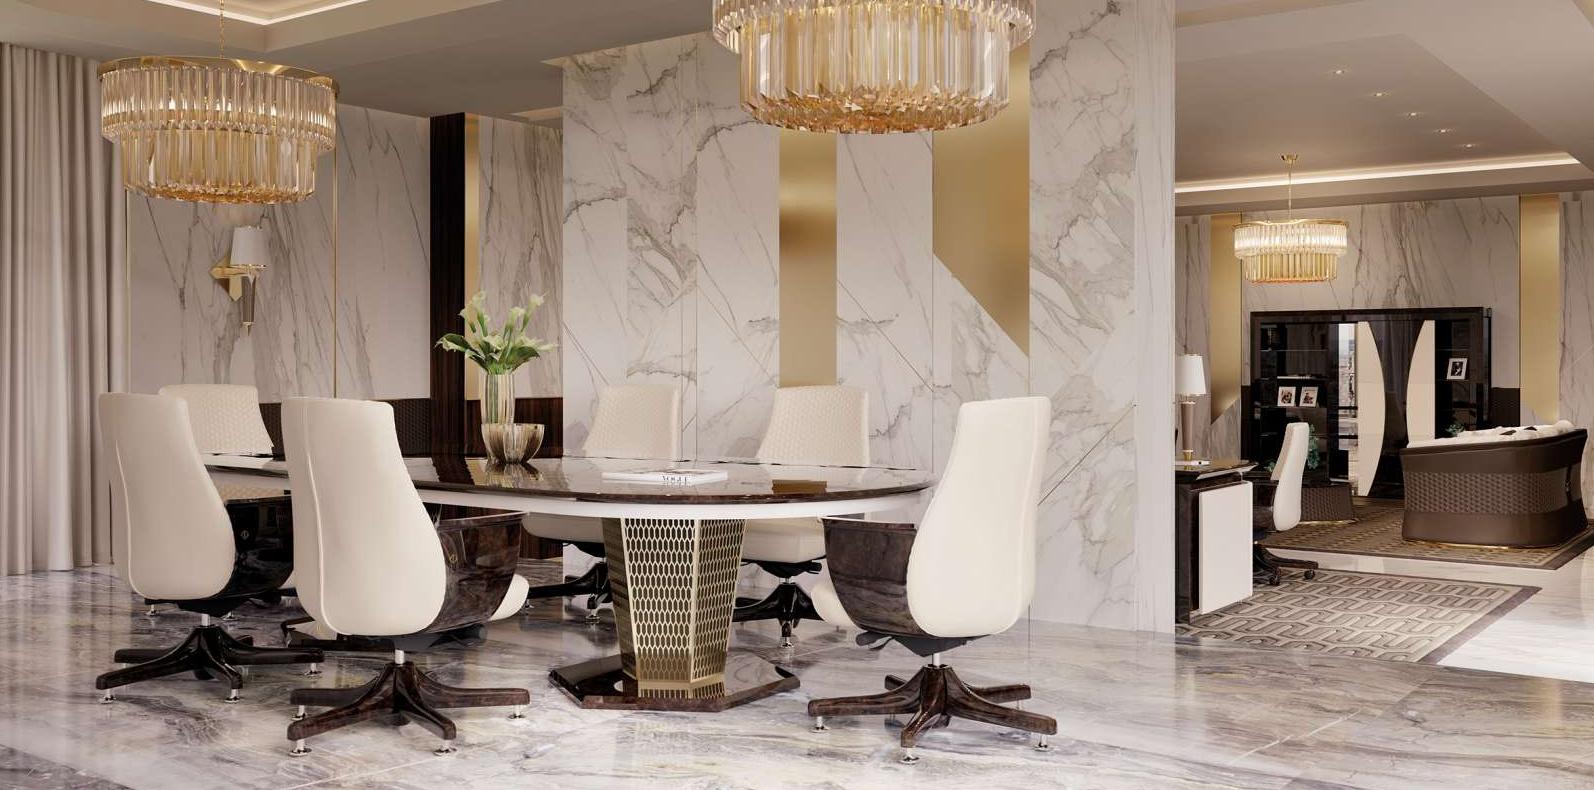 Turri为你量身打造奢华细腻的古典家具